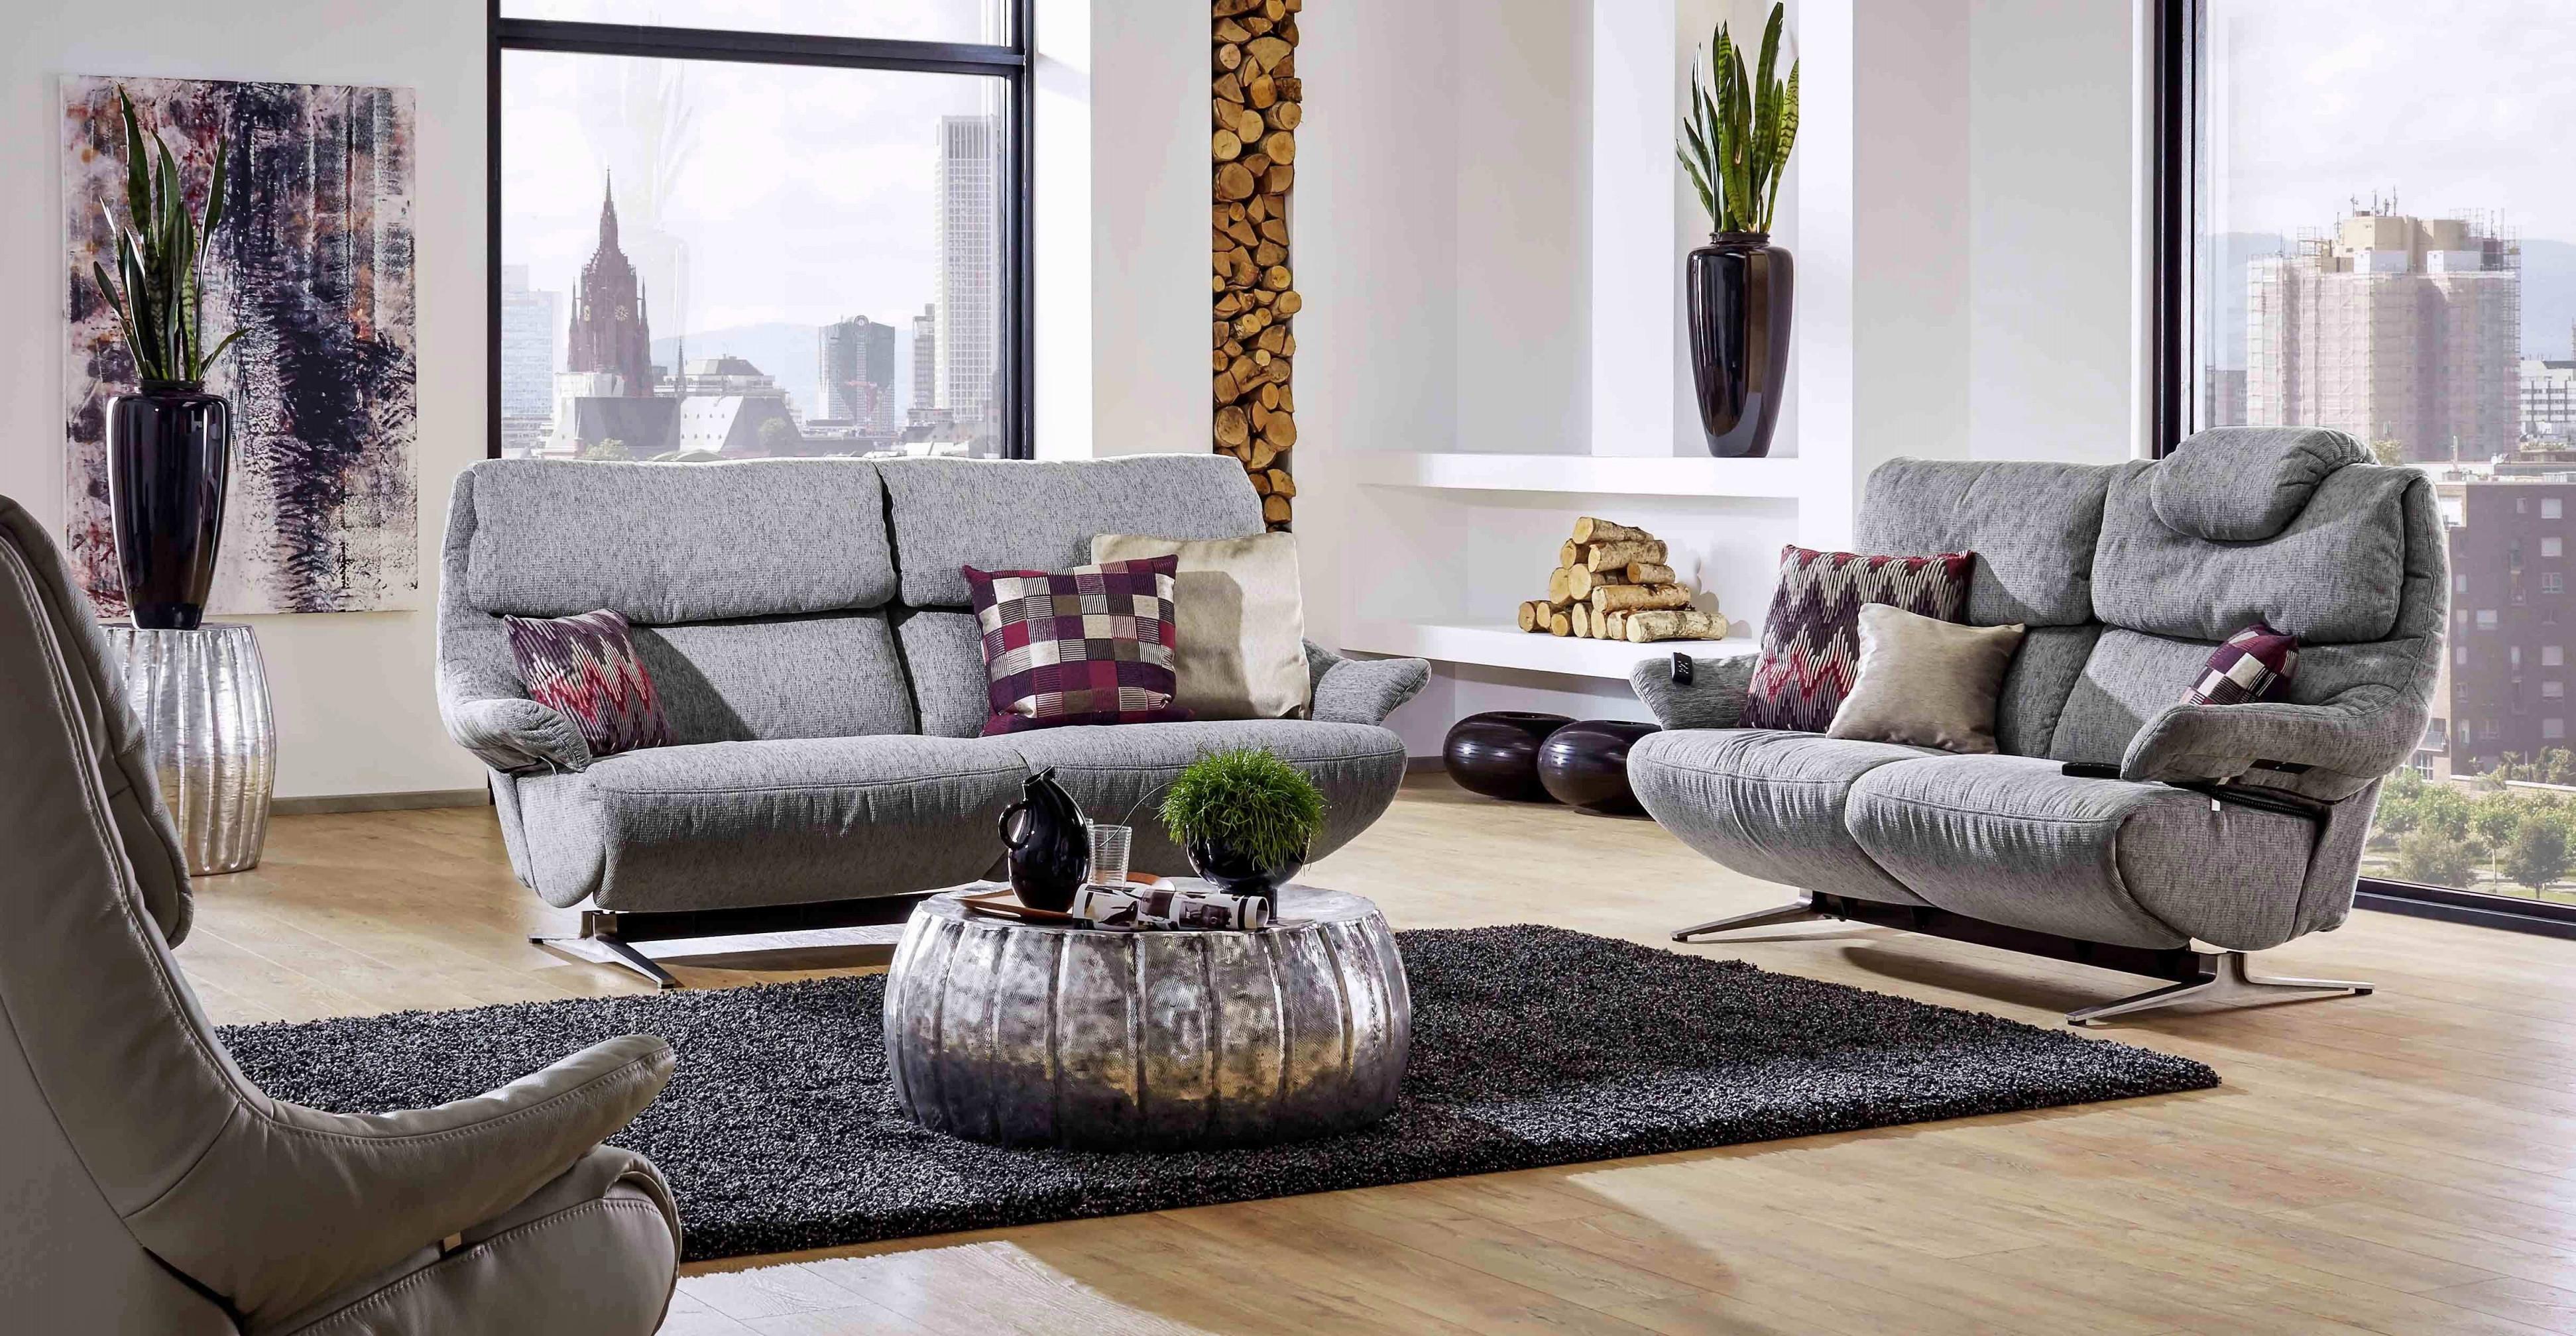 Wohnzimmer Blau Grau Frisch Wohnzimmer Dunkelgraue Couch von Wohnzimmer Ideen Blau Bild